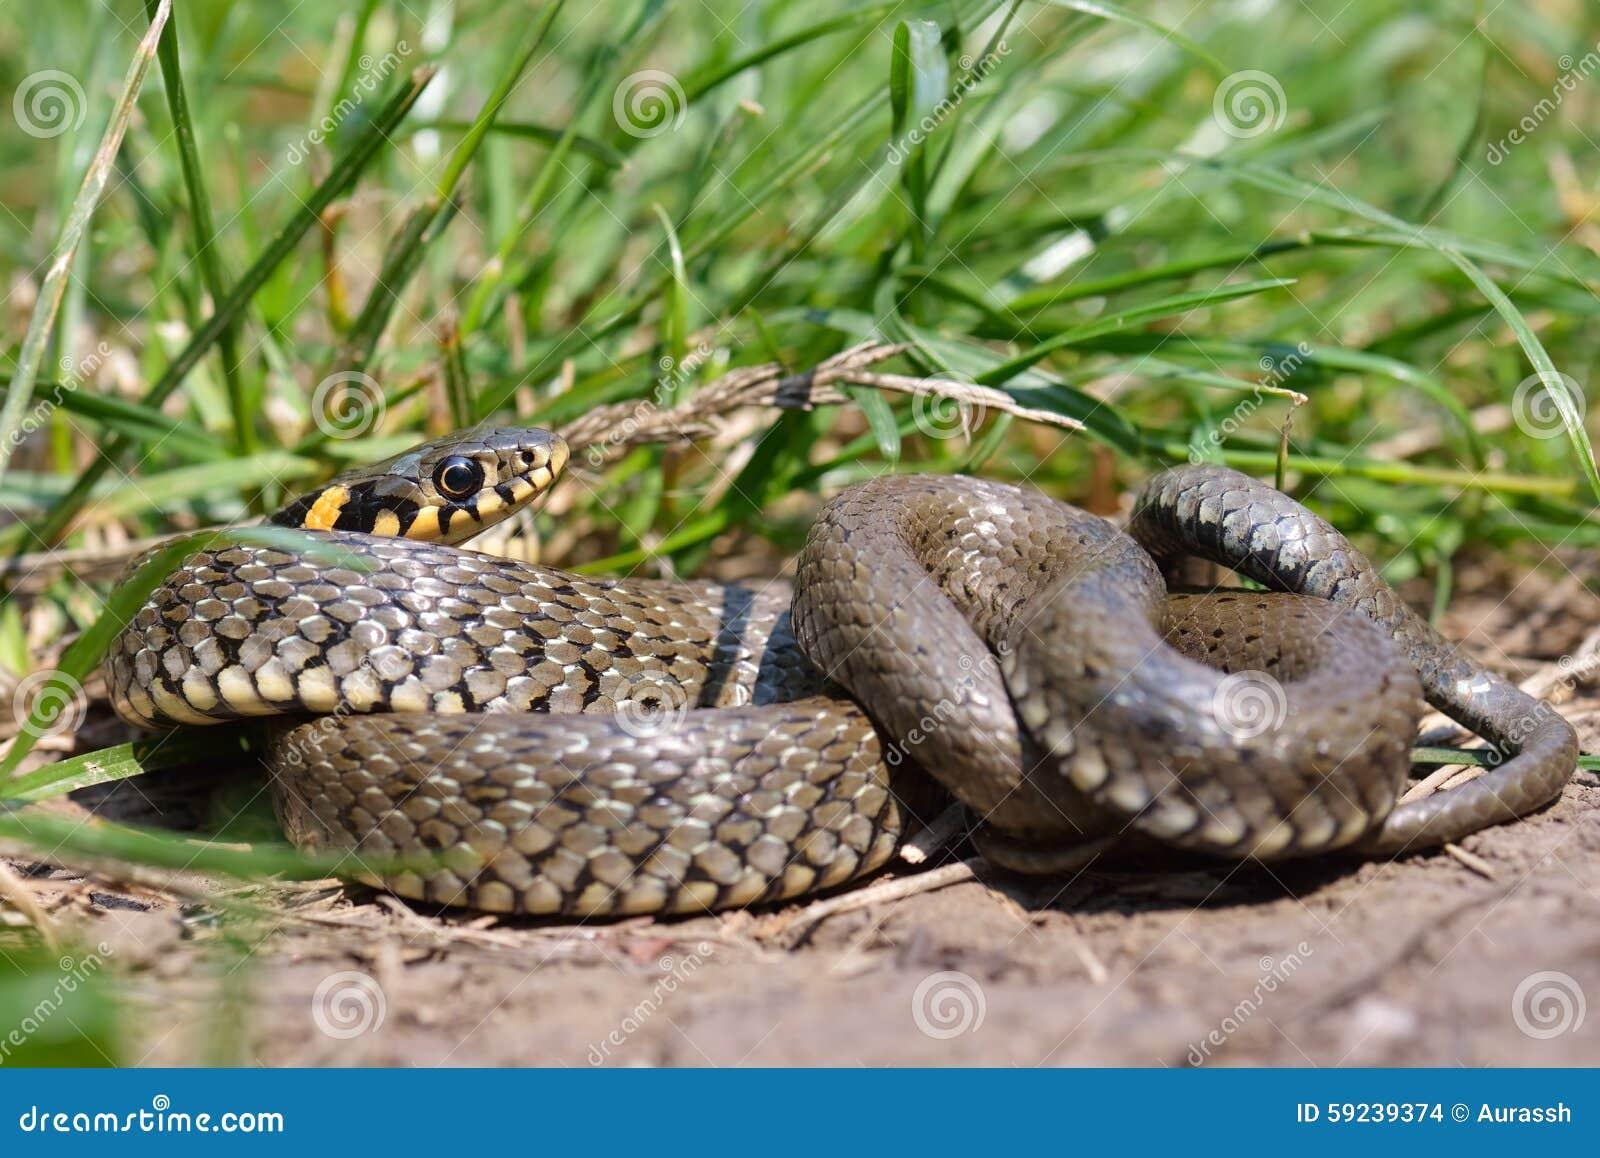 Download Natrix Del Natrix O Serpiente De Hierba En El Ambiente Natural Foto de archivo - Imagen de mano, escamoso: 59239374